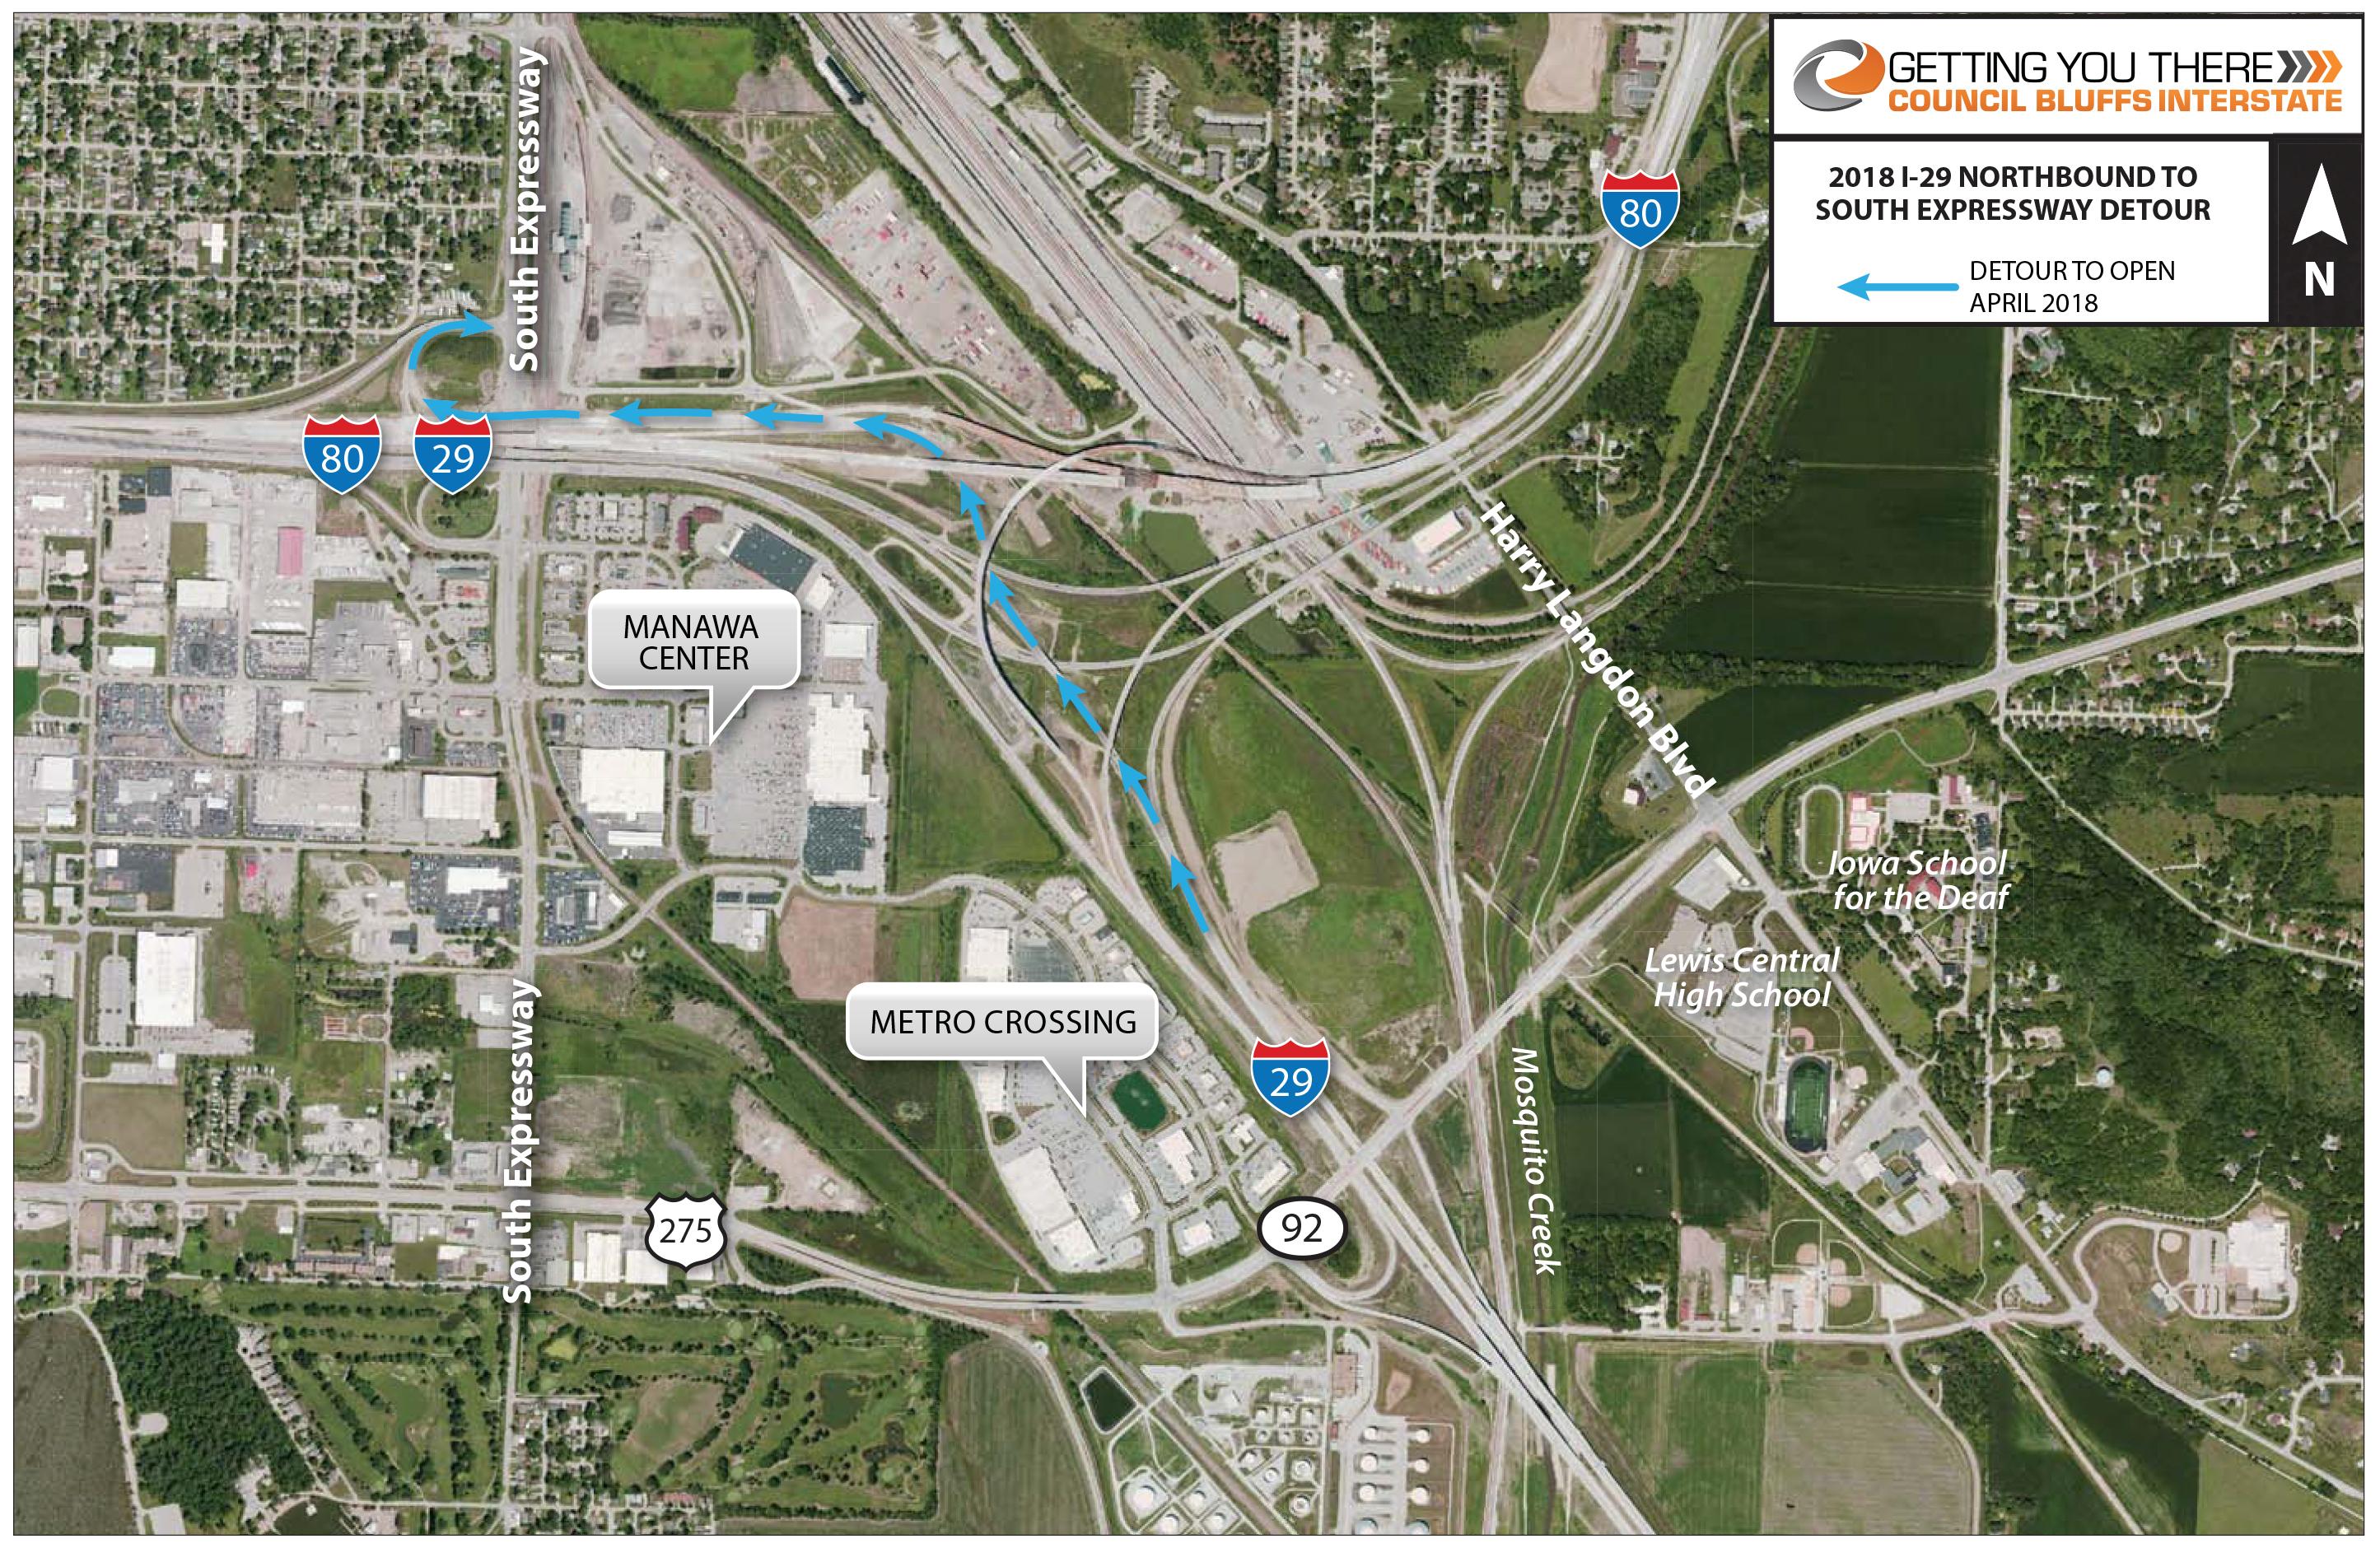 Council Bluffs Interstate :: Traveler Info